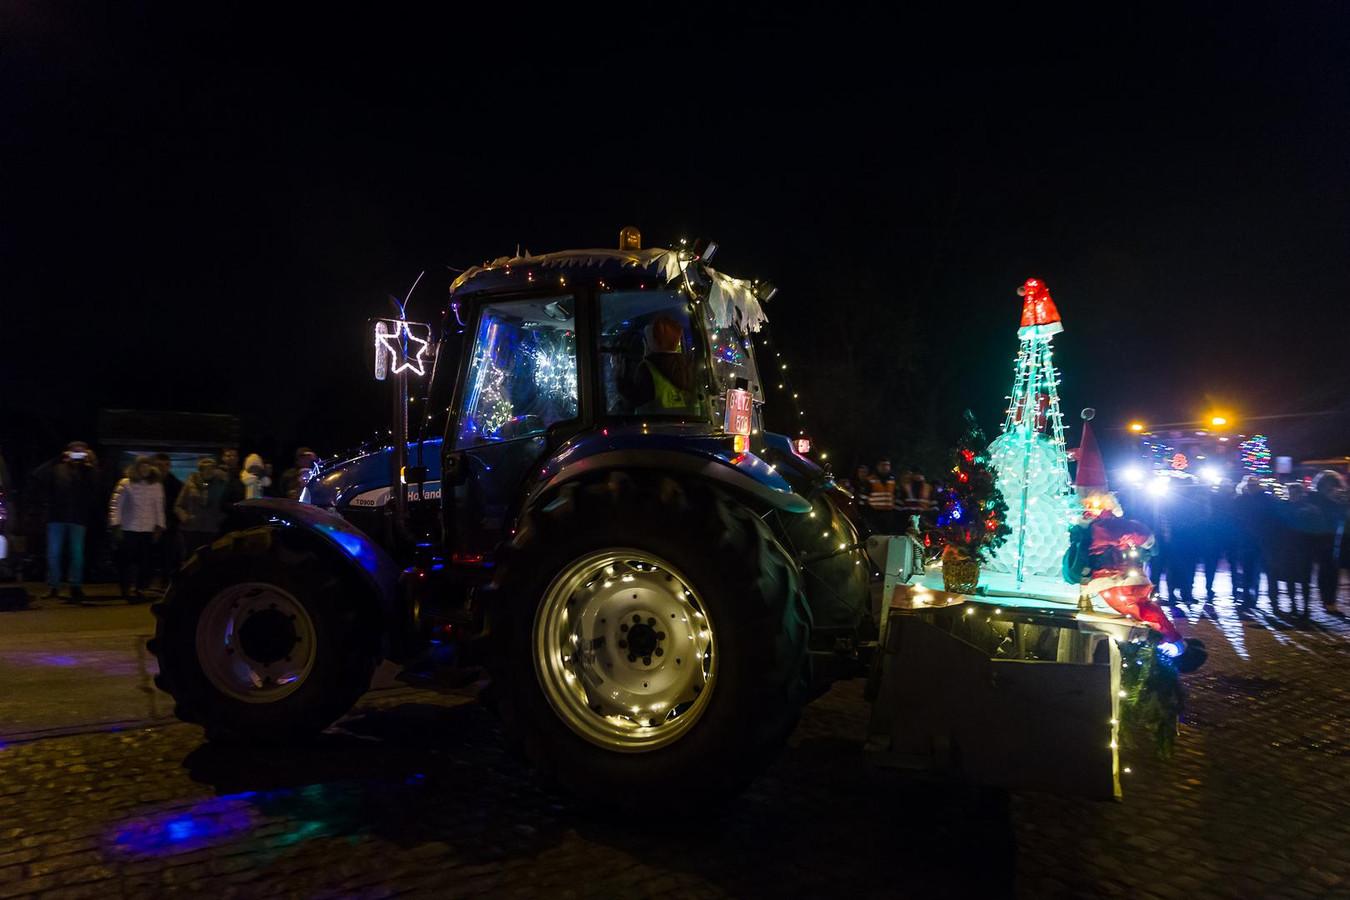 Deze tractor is uitgedost met een verlichte kerstboom.